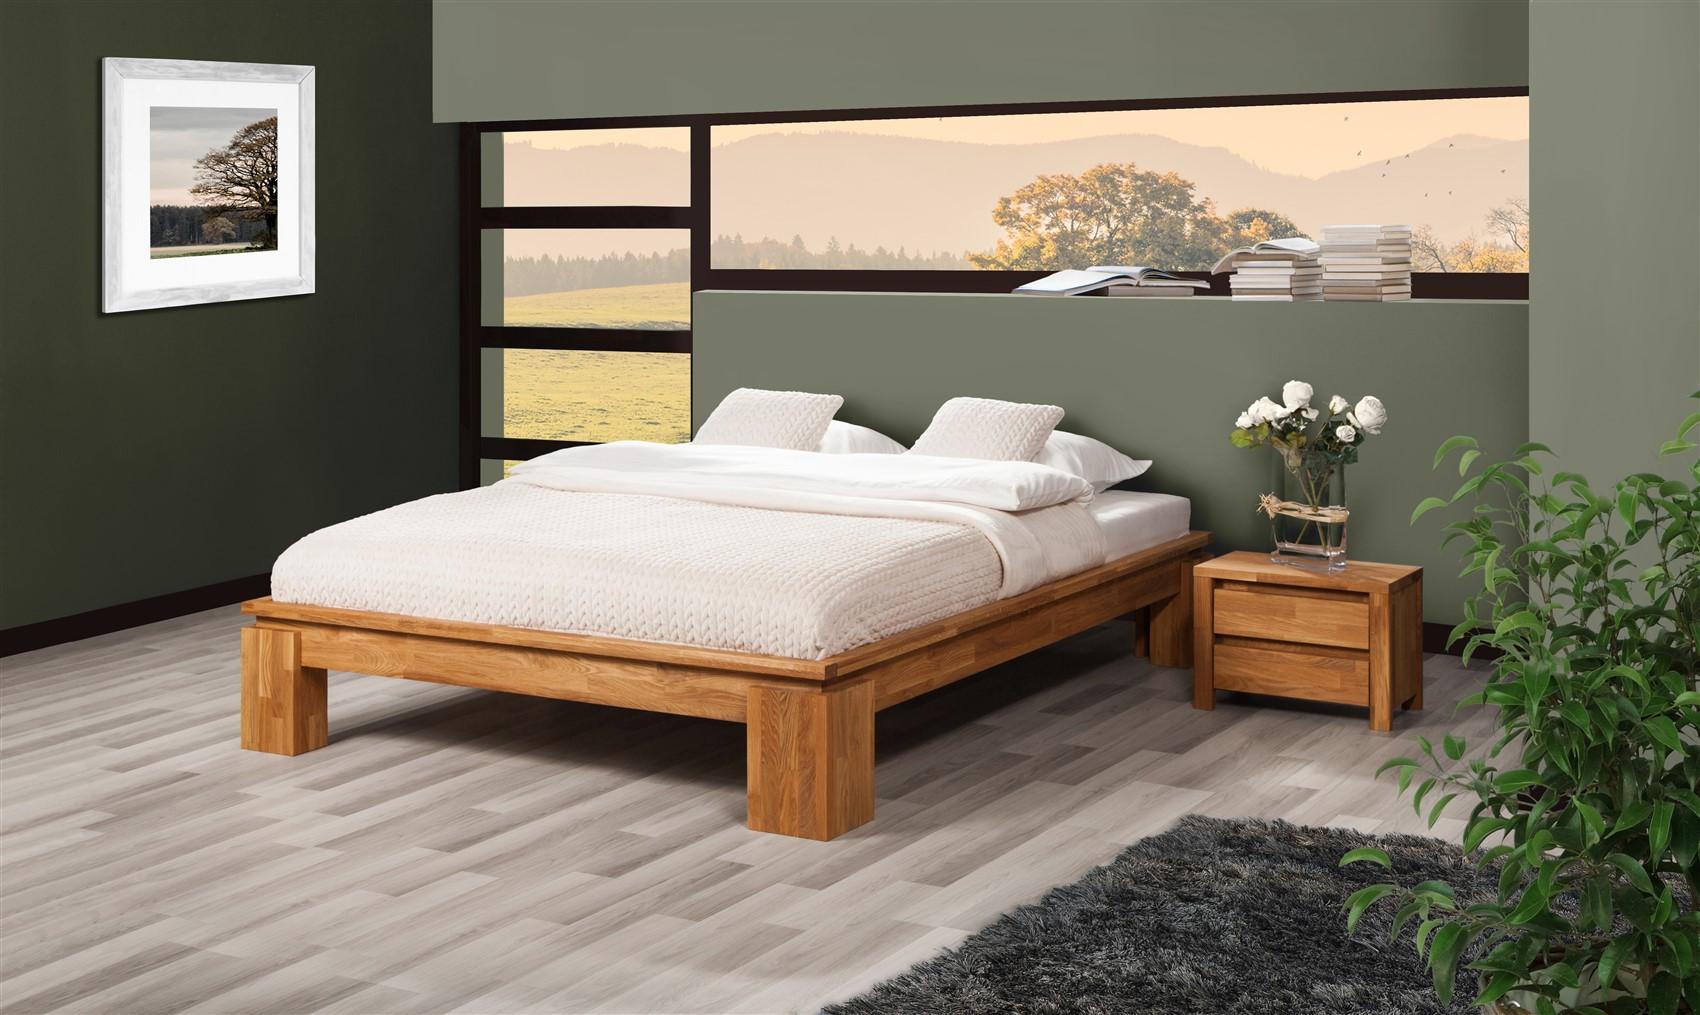 Full Size of Futonbett 100x200 Bett Schlafzimmerbet Maison Xl Eiche Massiv Cm Betten Weiß Wohnzimmer Futonbett 100x200